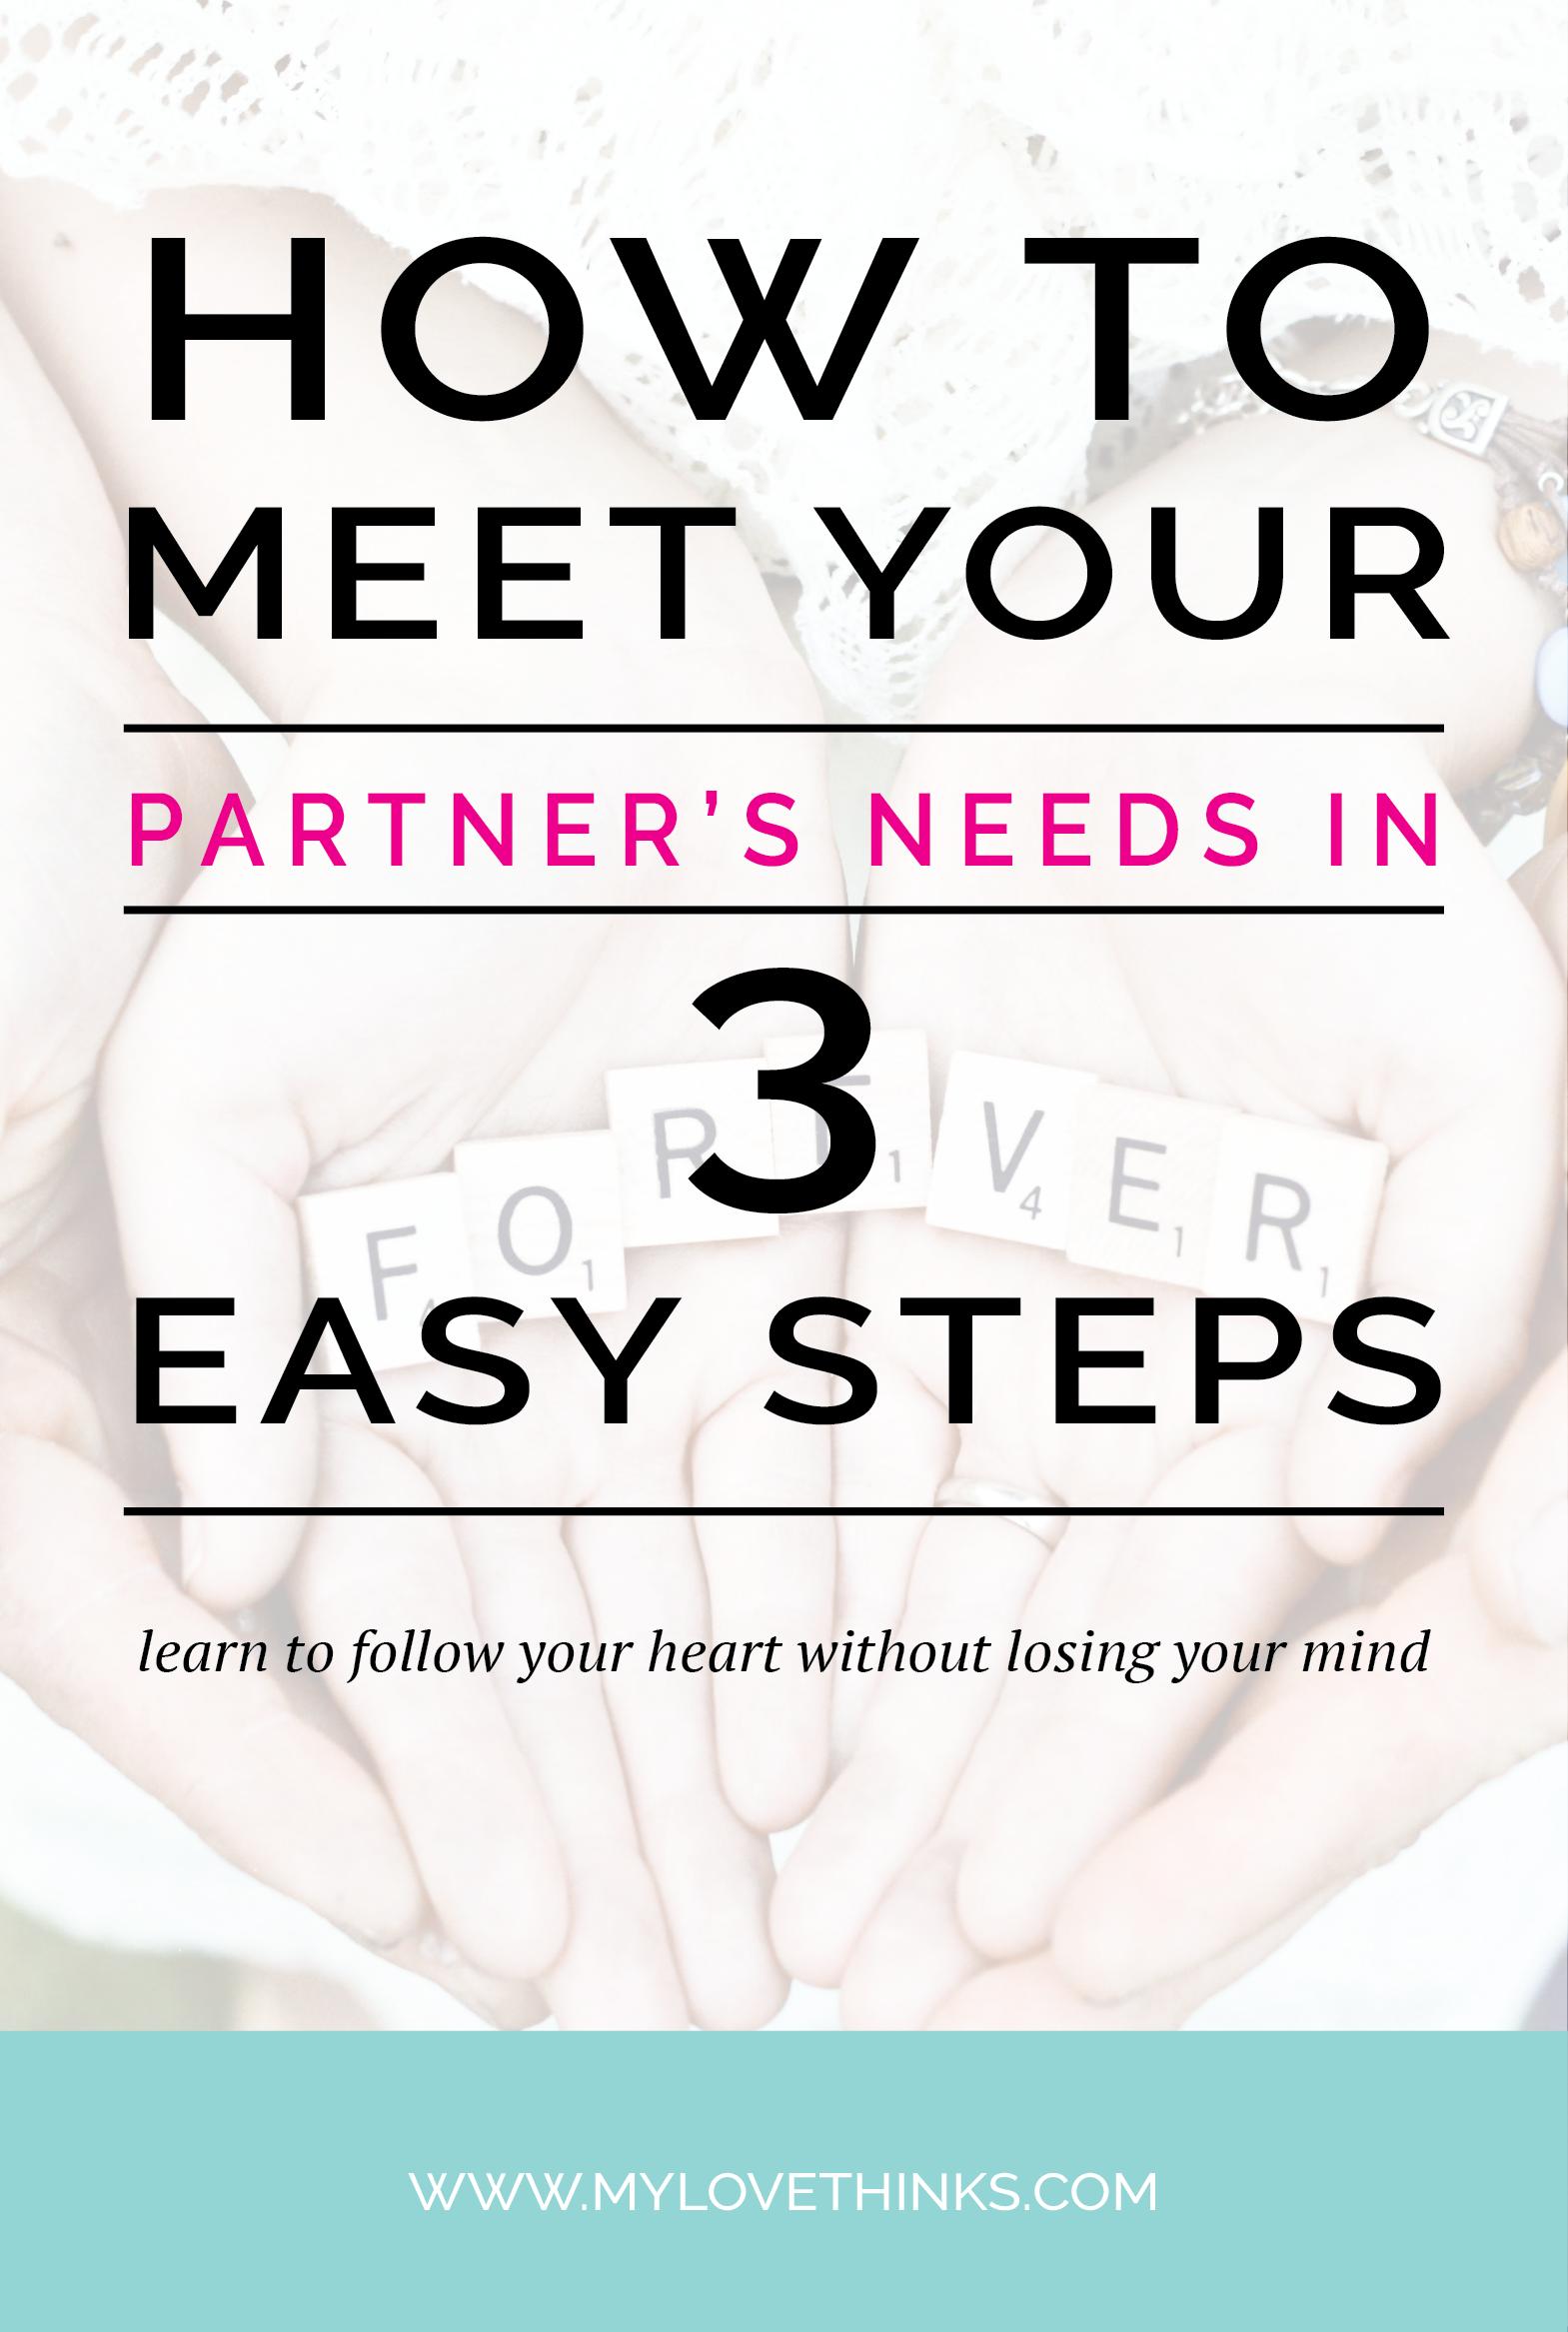 meeting partner's needs